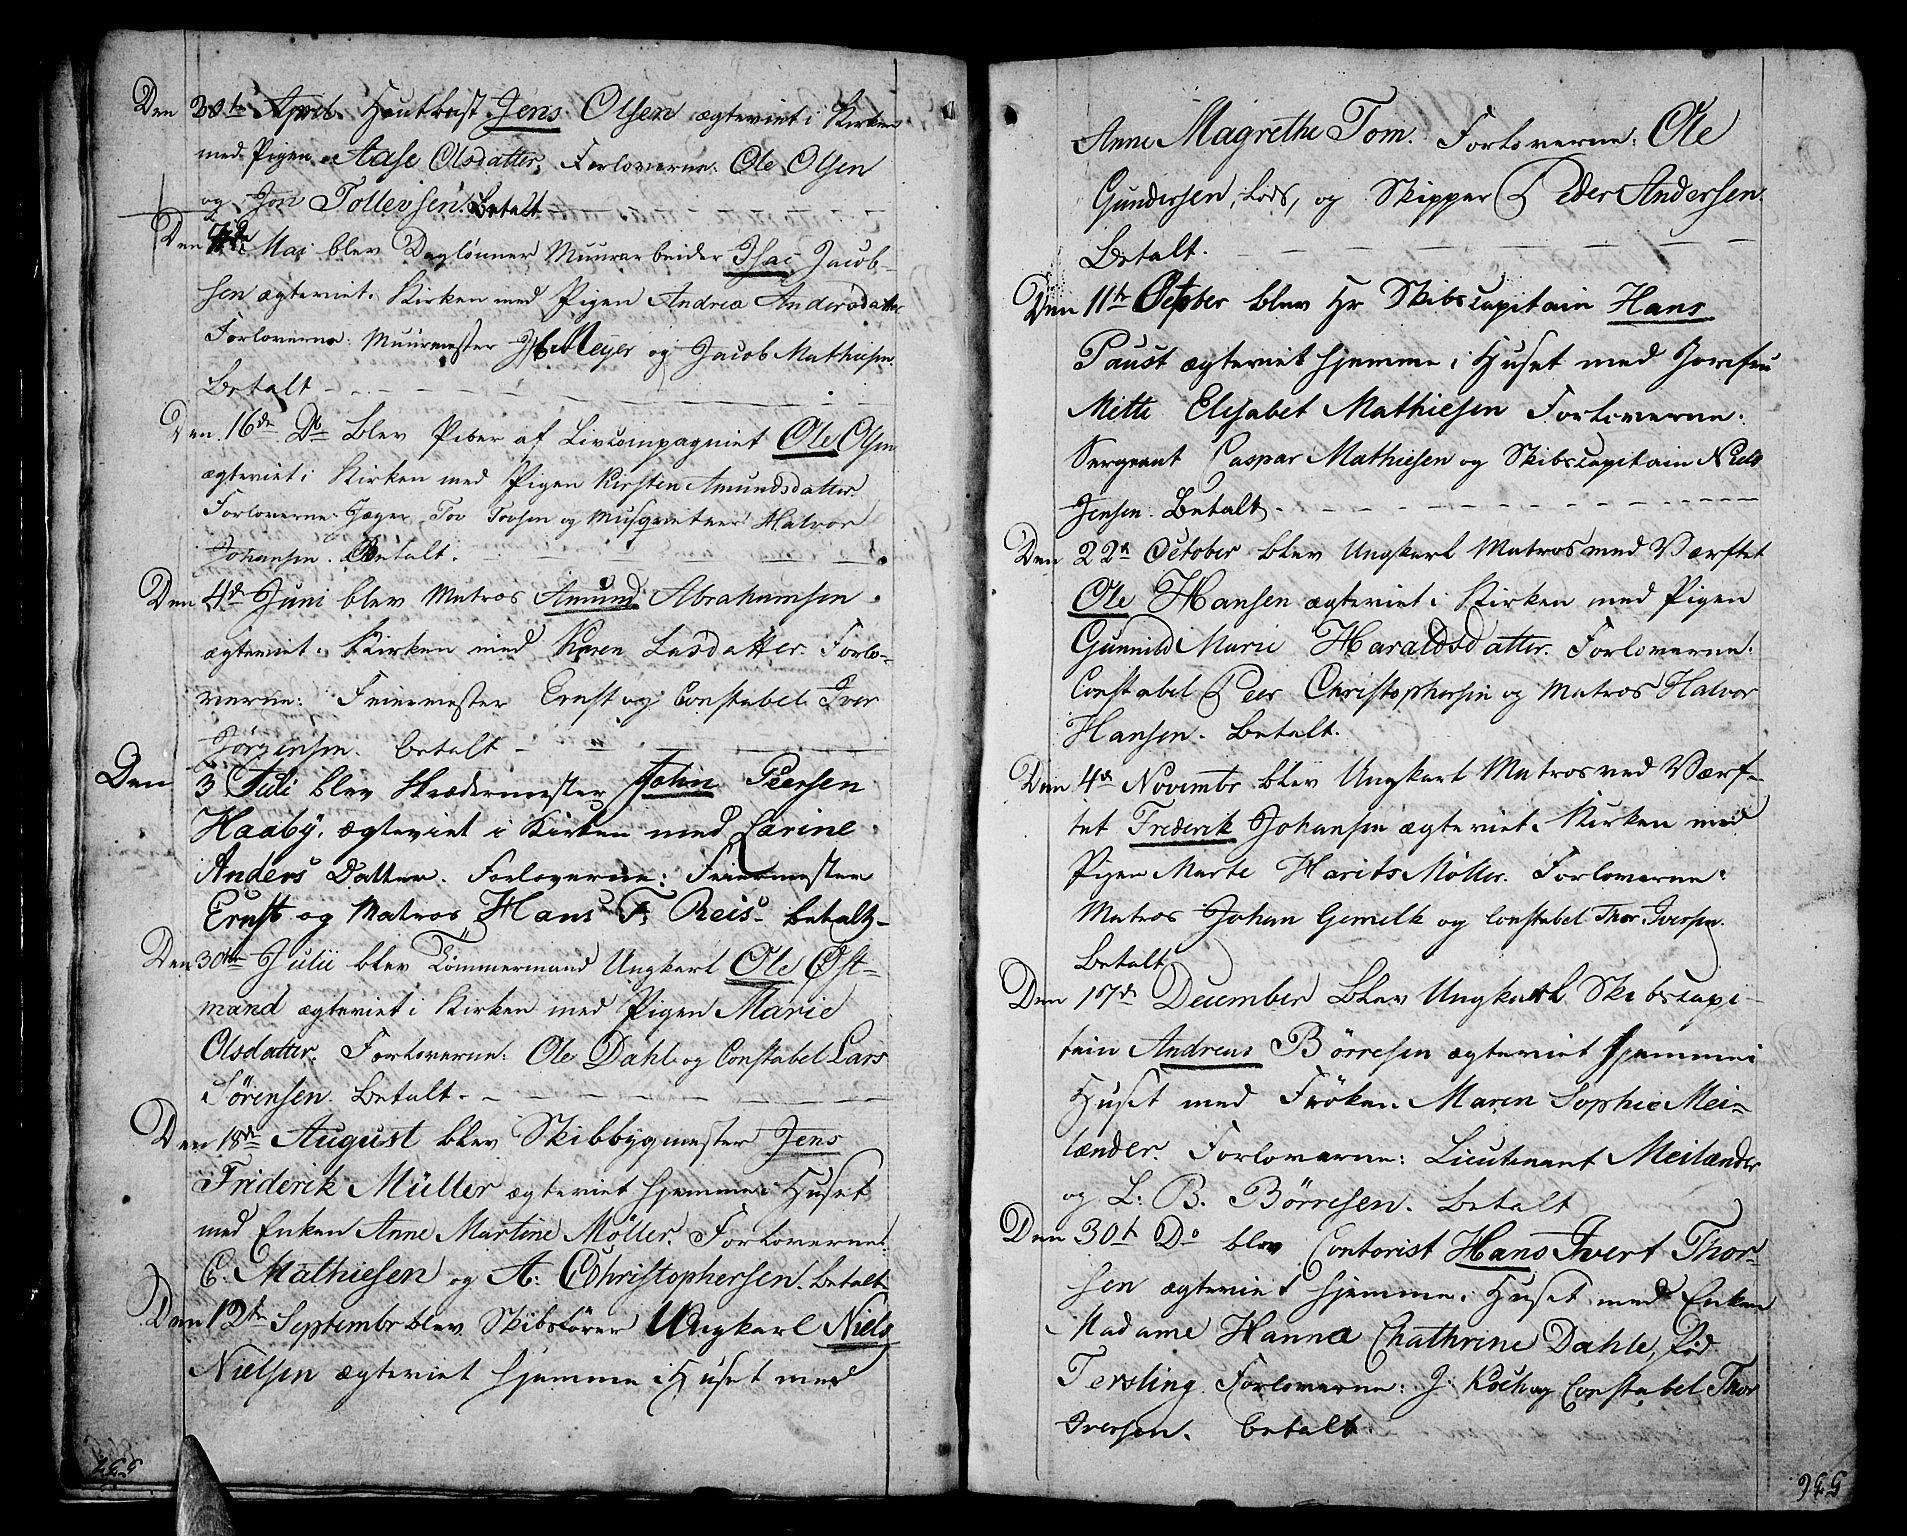 SAKO, Stavern kirkebøker, F/Fa/L0004: Ministerialbok nr. 4, 1809-1816, s. 536-537